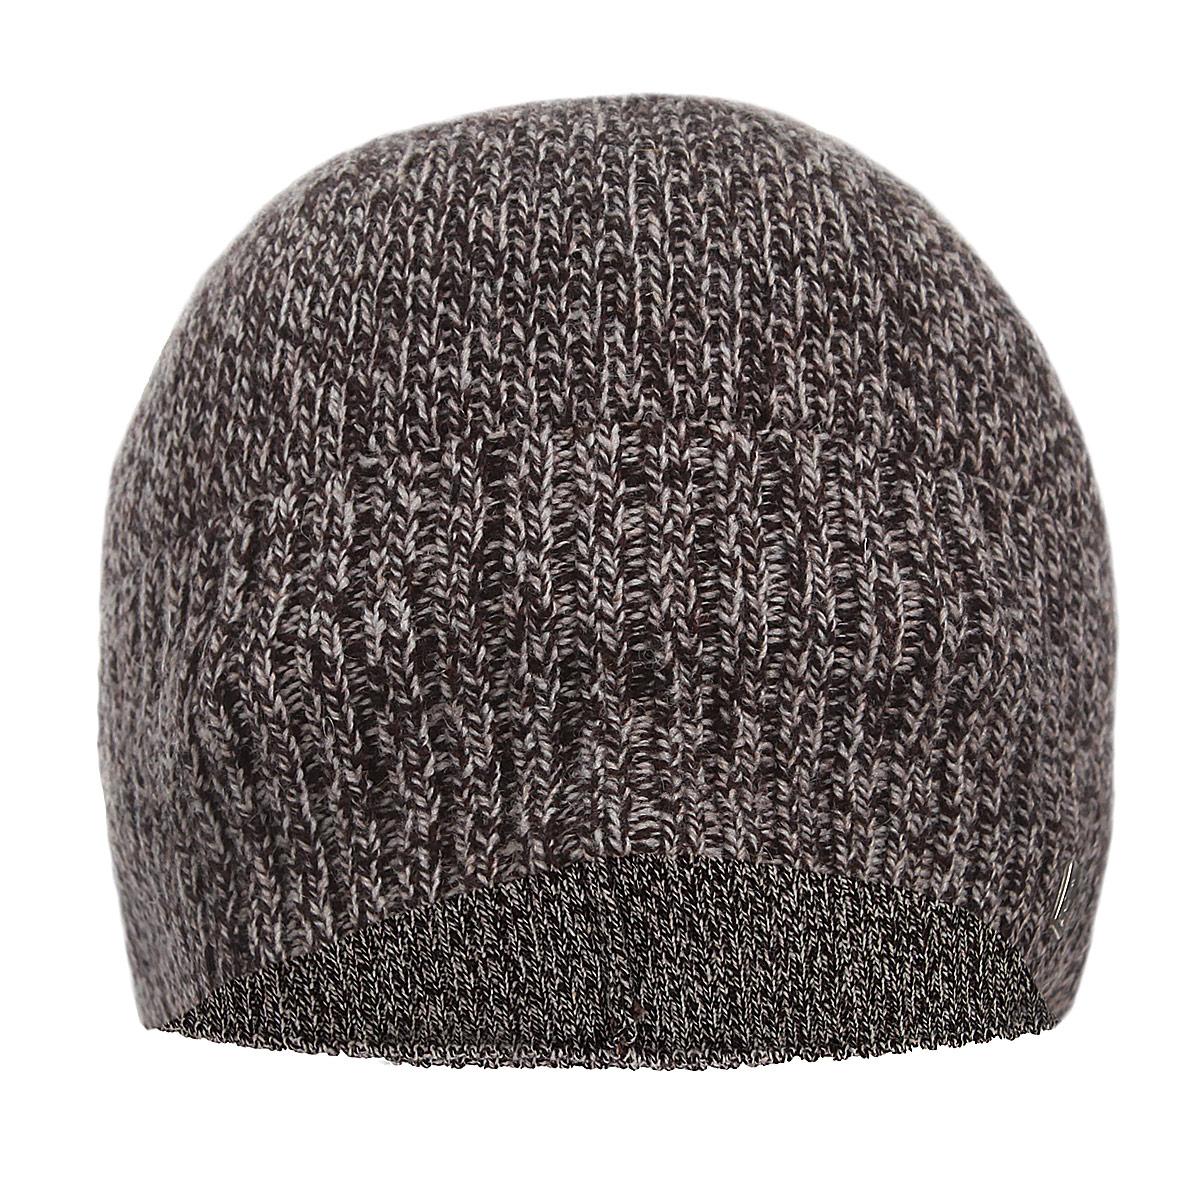 Шапка мужская Tutor3442517Классическая мужская шапка Canoe Tutor отлично дополнит ваш образ в холодную погоду. Сочетание ланы и акрила максимально сохраняет тепло и обеспечивает удобную посадку. Шапка имеет широкую вязку ластиком и украшена металлической эмблемой с логотипом производителя. Такая модель комфортна и приятна на ощупь, она великолепно подчеркнет ваш вкус. Такая шапка станет отличным дополнением к вашему осеннему или зимнему гардеробу, в ней вам будет уютно и тепло!